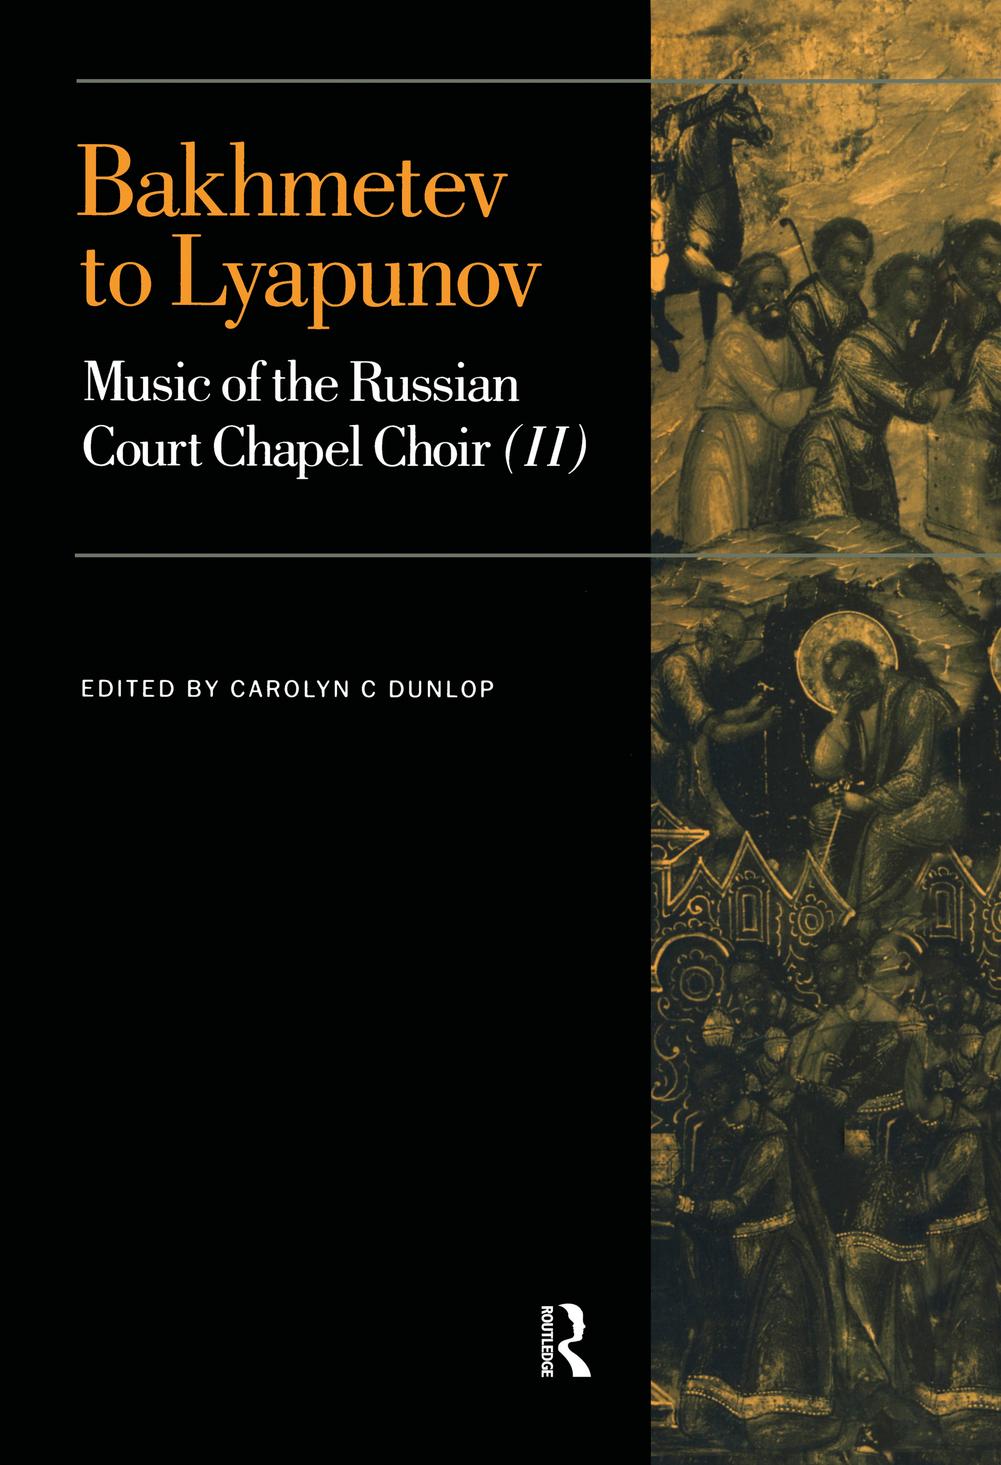 Bakhmetev to Lyapunov